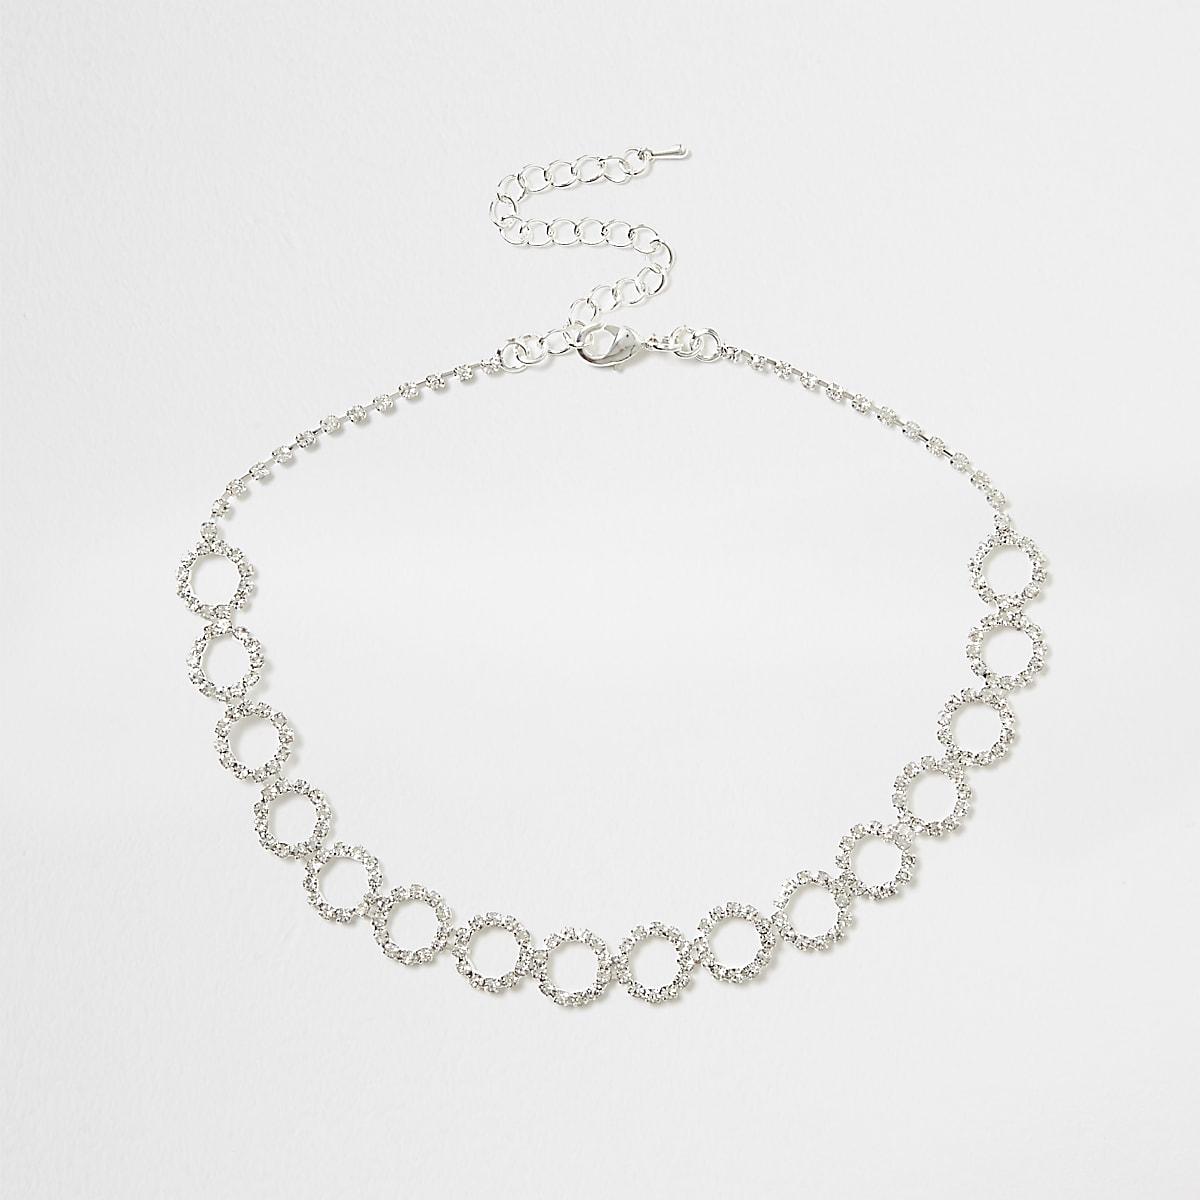 Silver diamante encrusted circle chain choker